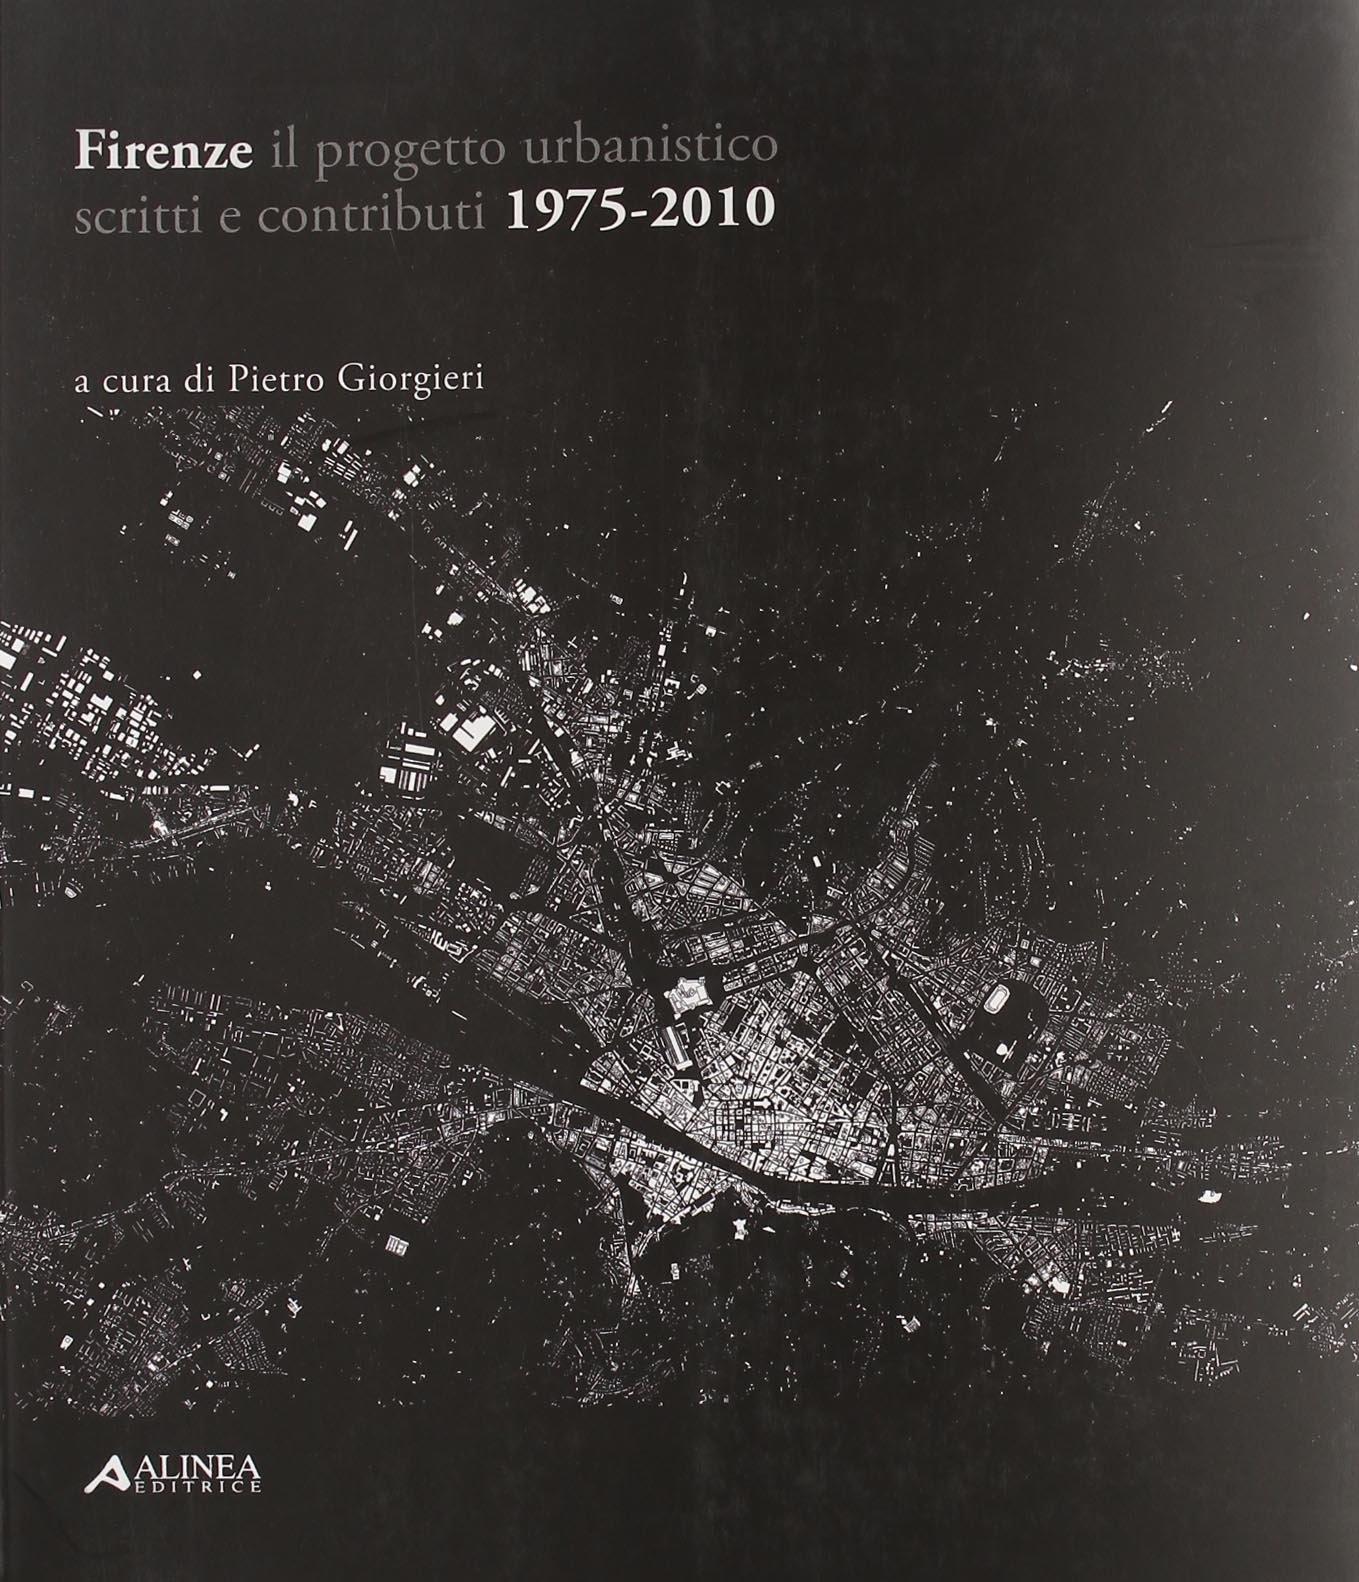 Firenze il progetto urbanistico. Scritti e contributi 1975-2010